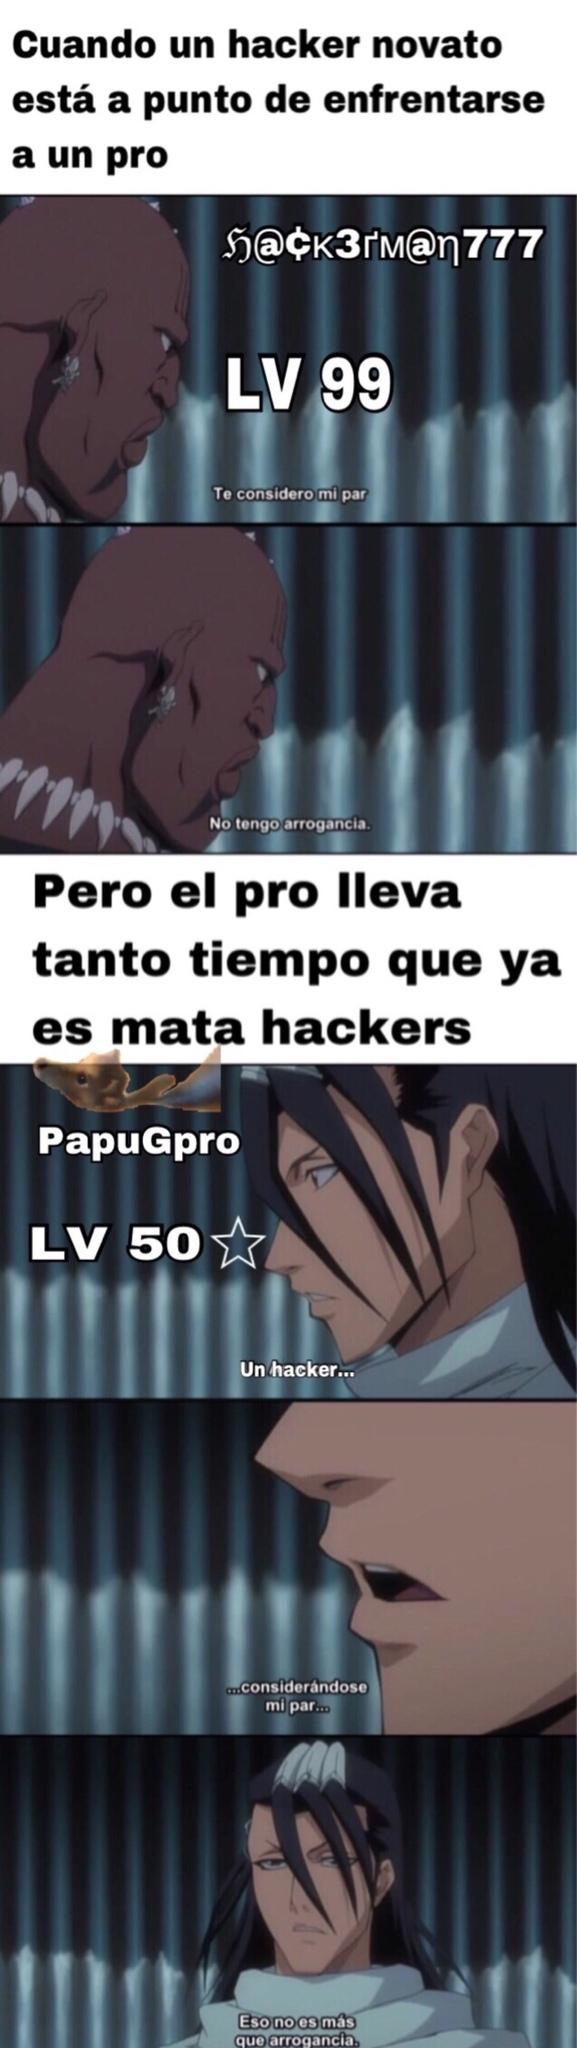 créditos a papugpro - meme